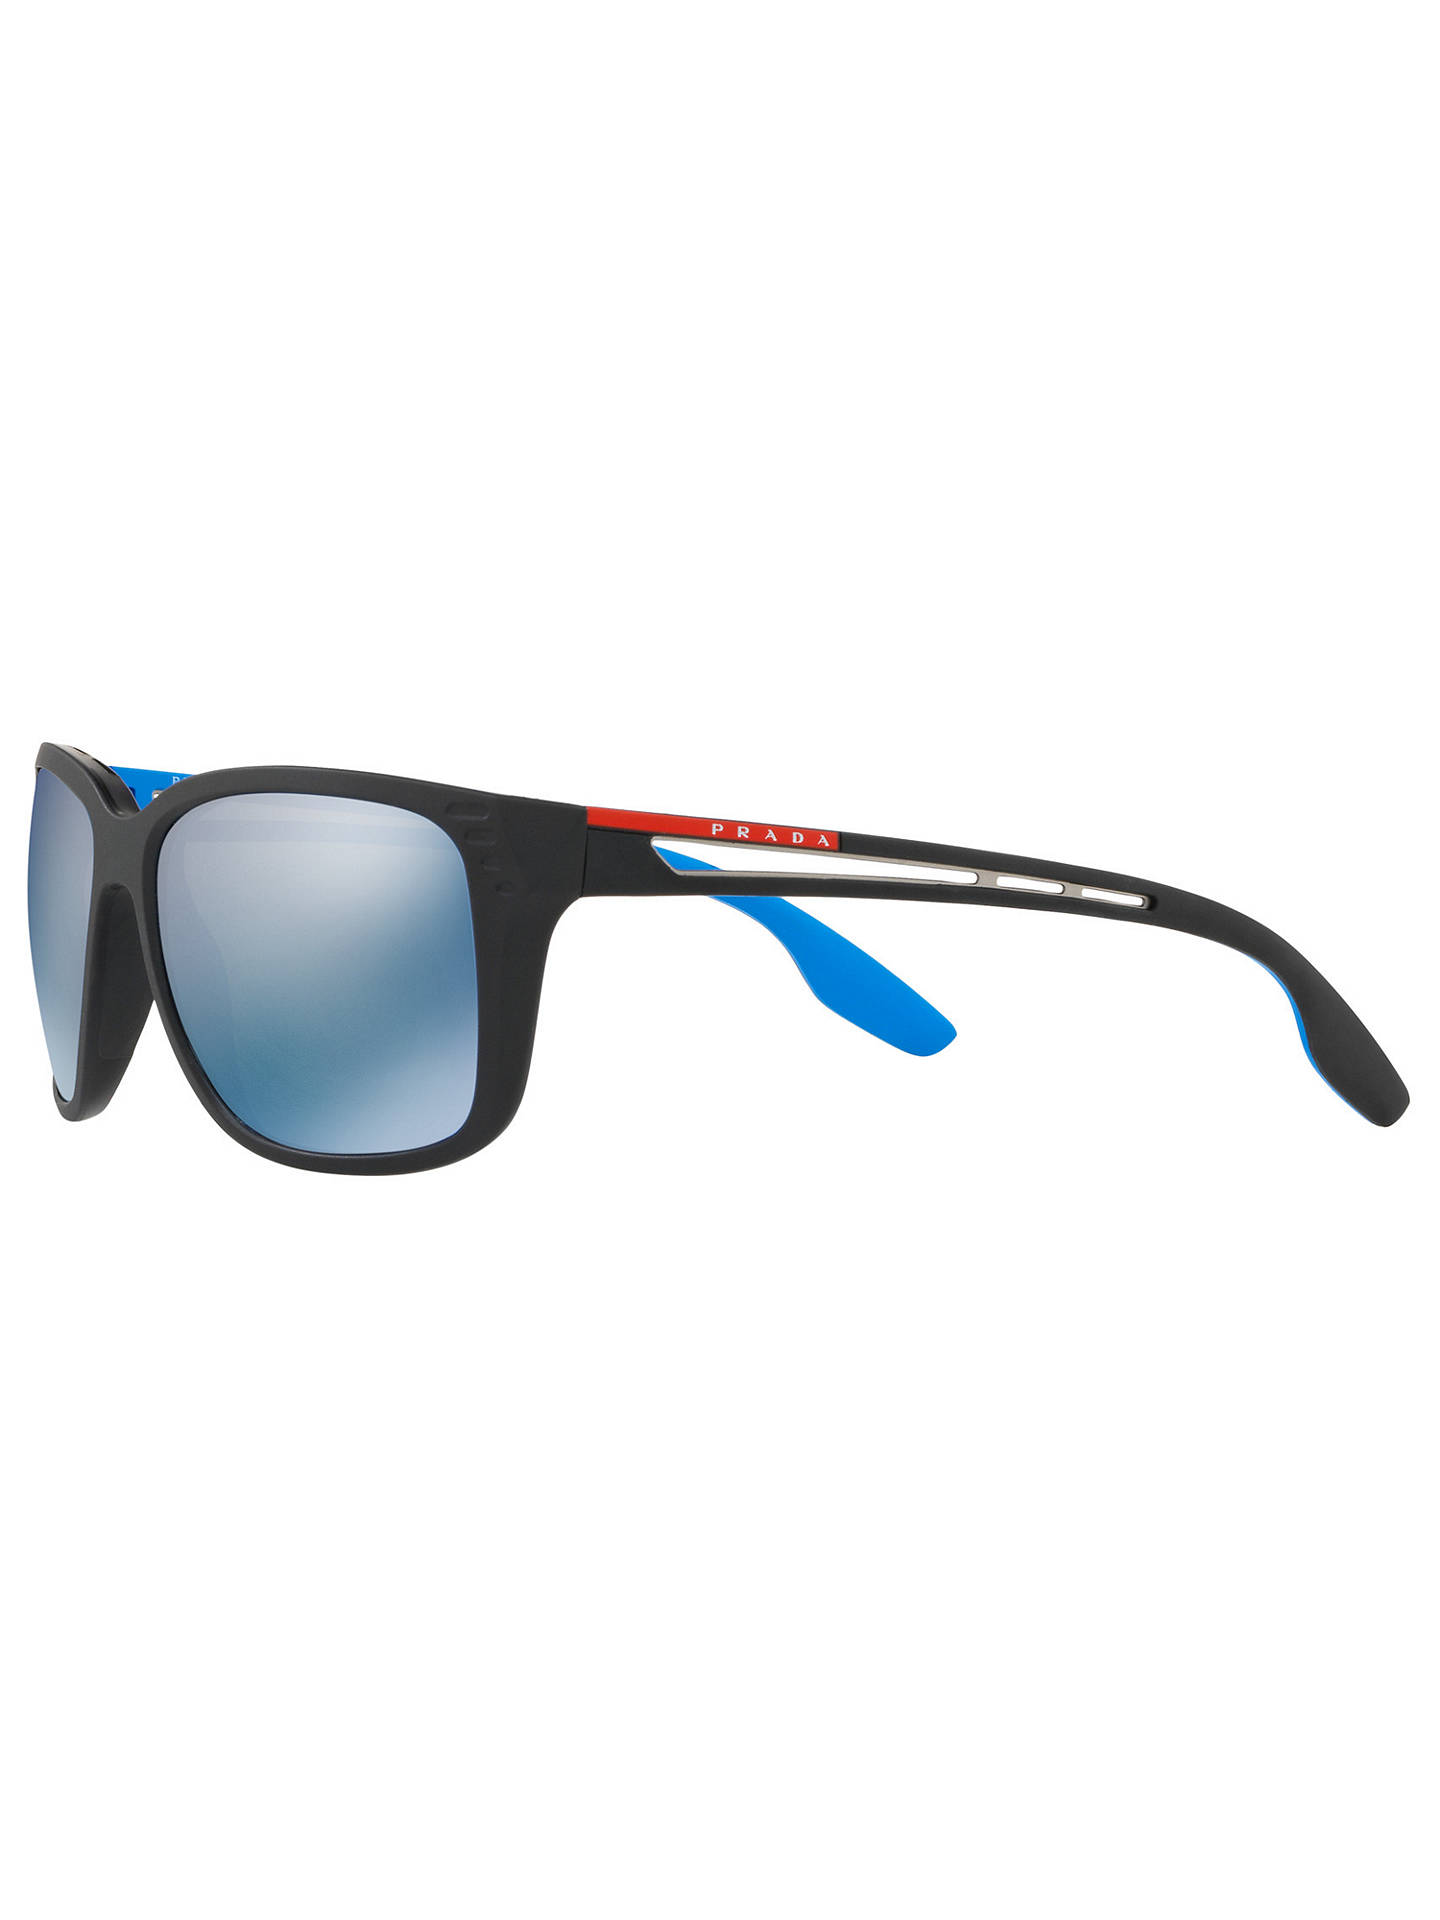 f32fab7dcf5c ... Buy Prada Linea Rossa PS 03TS Men s Polarised Rectangular Sunglasses